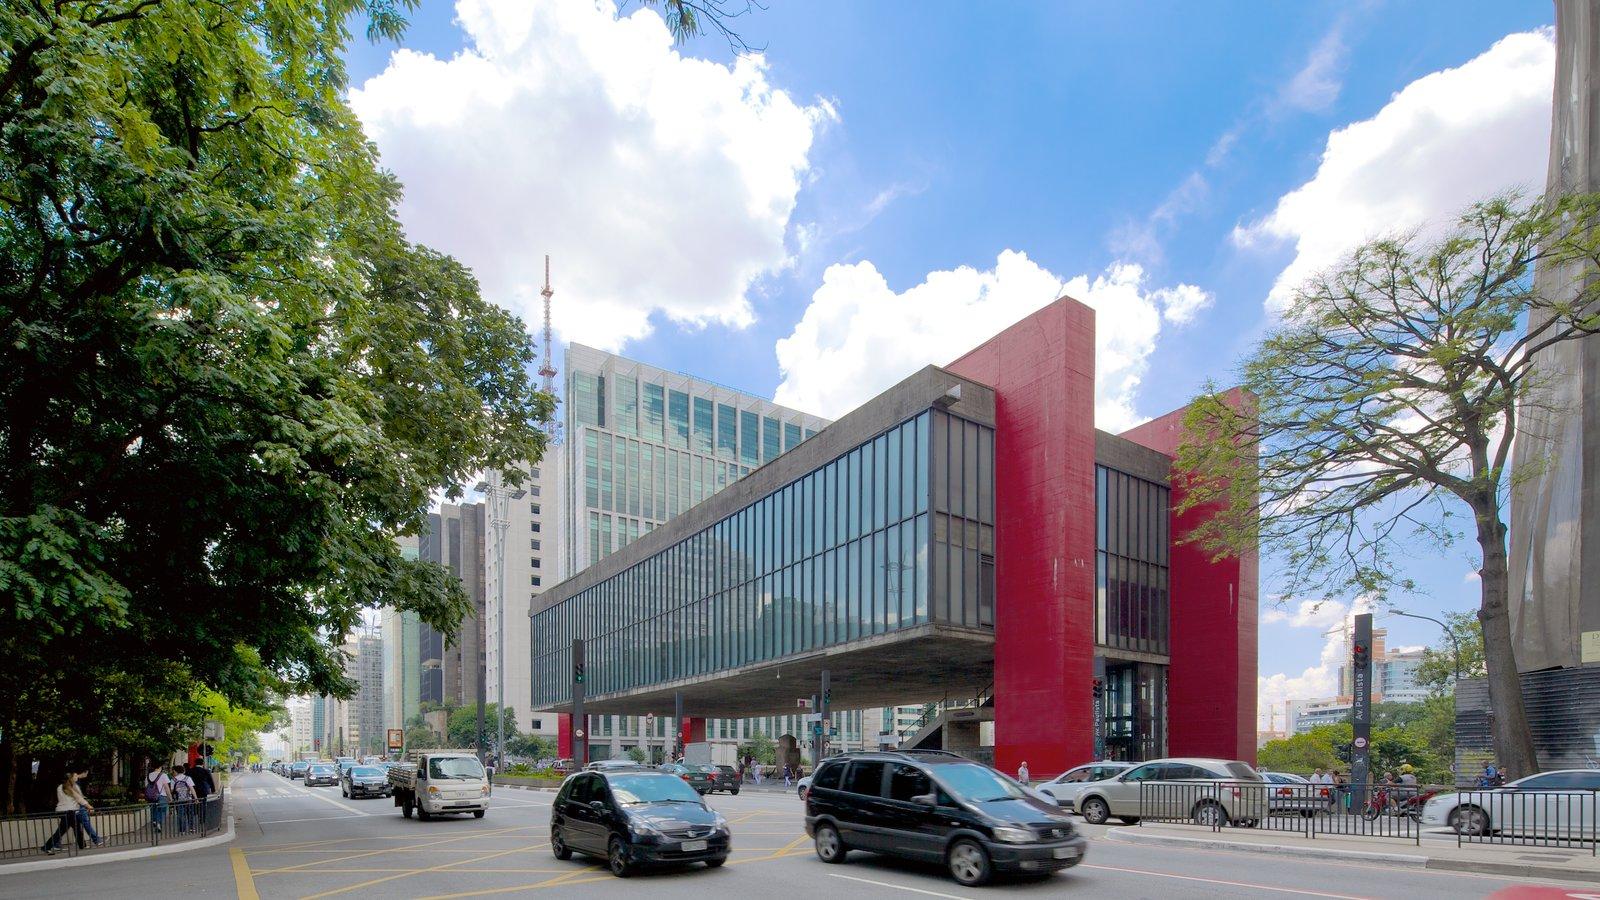 Museu de Arte Moderna mostrando uma cidade, arquitetura moderna e cenas de rua